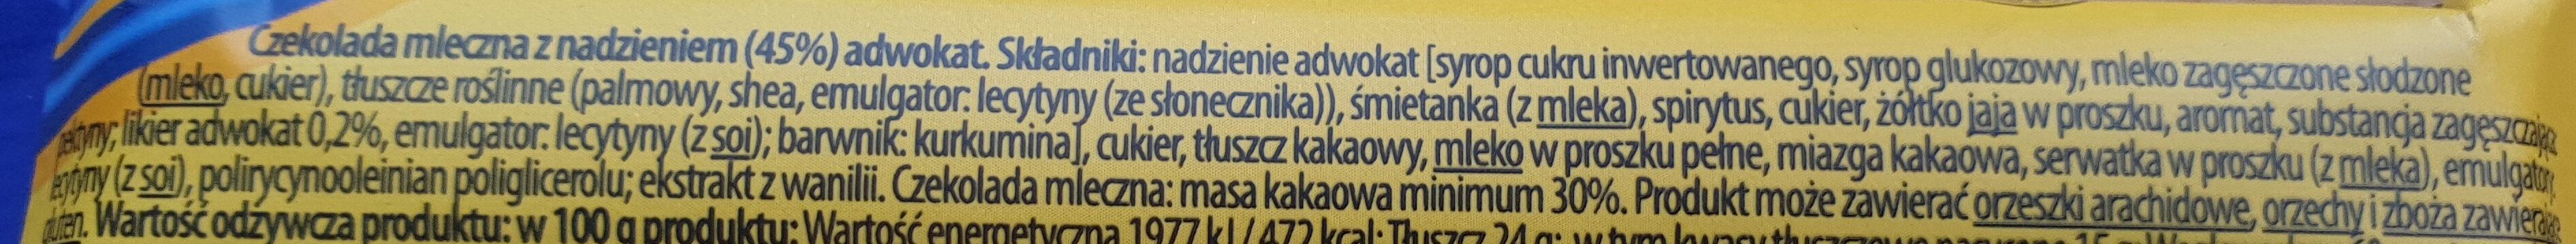 Advocat - Ingrédients - pl